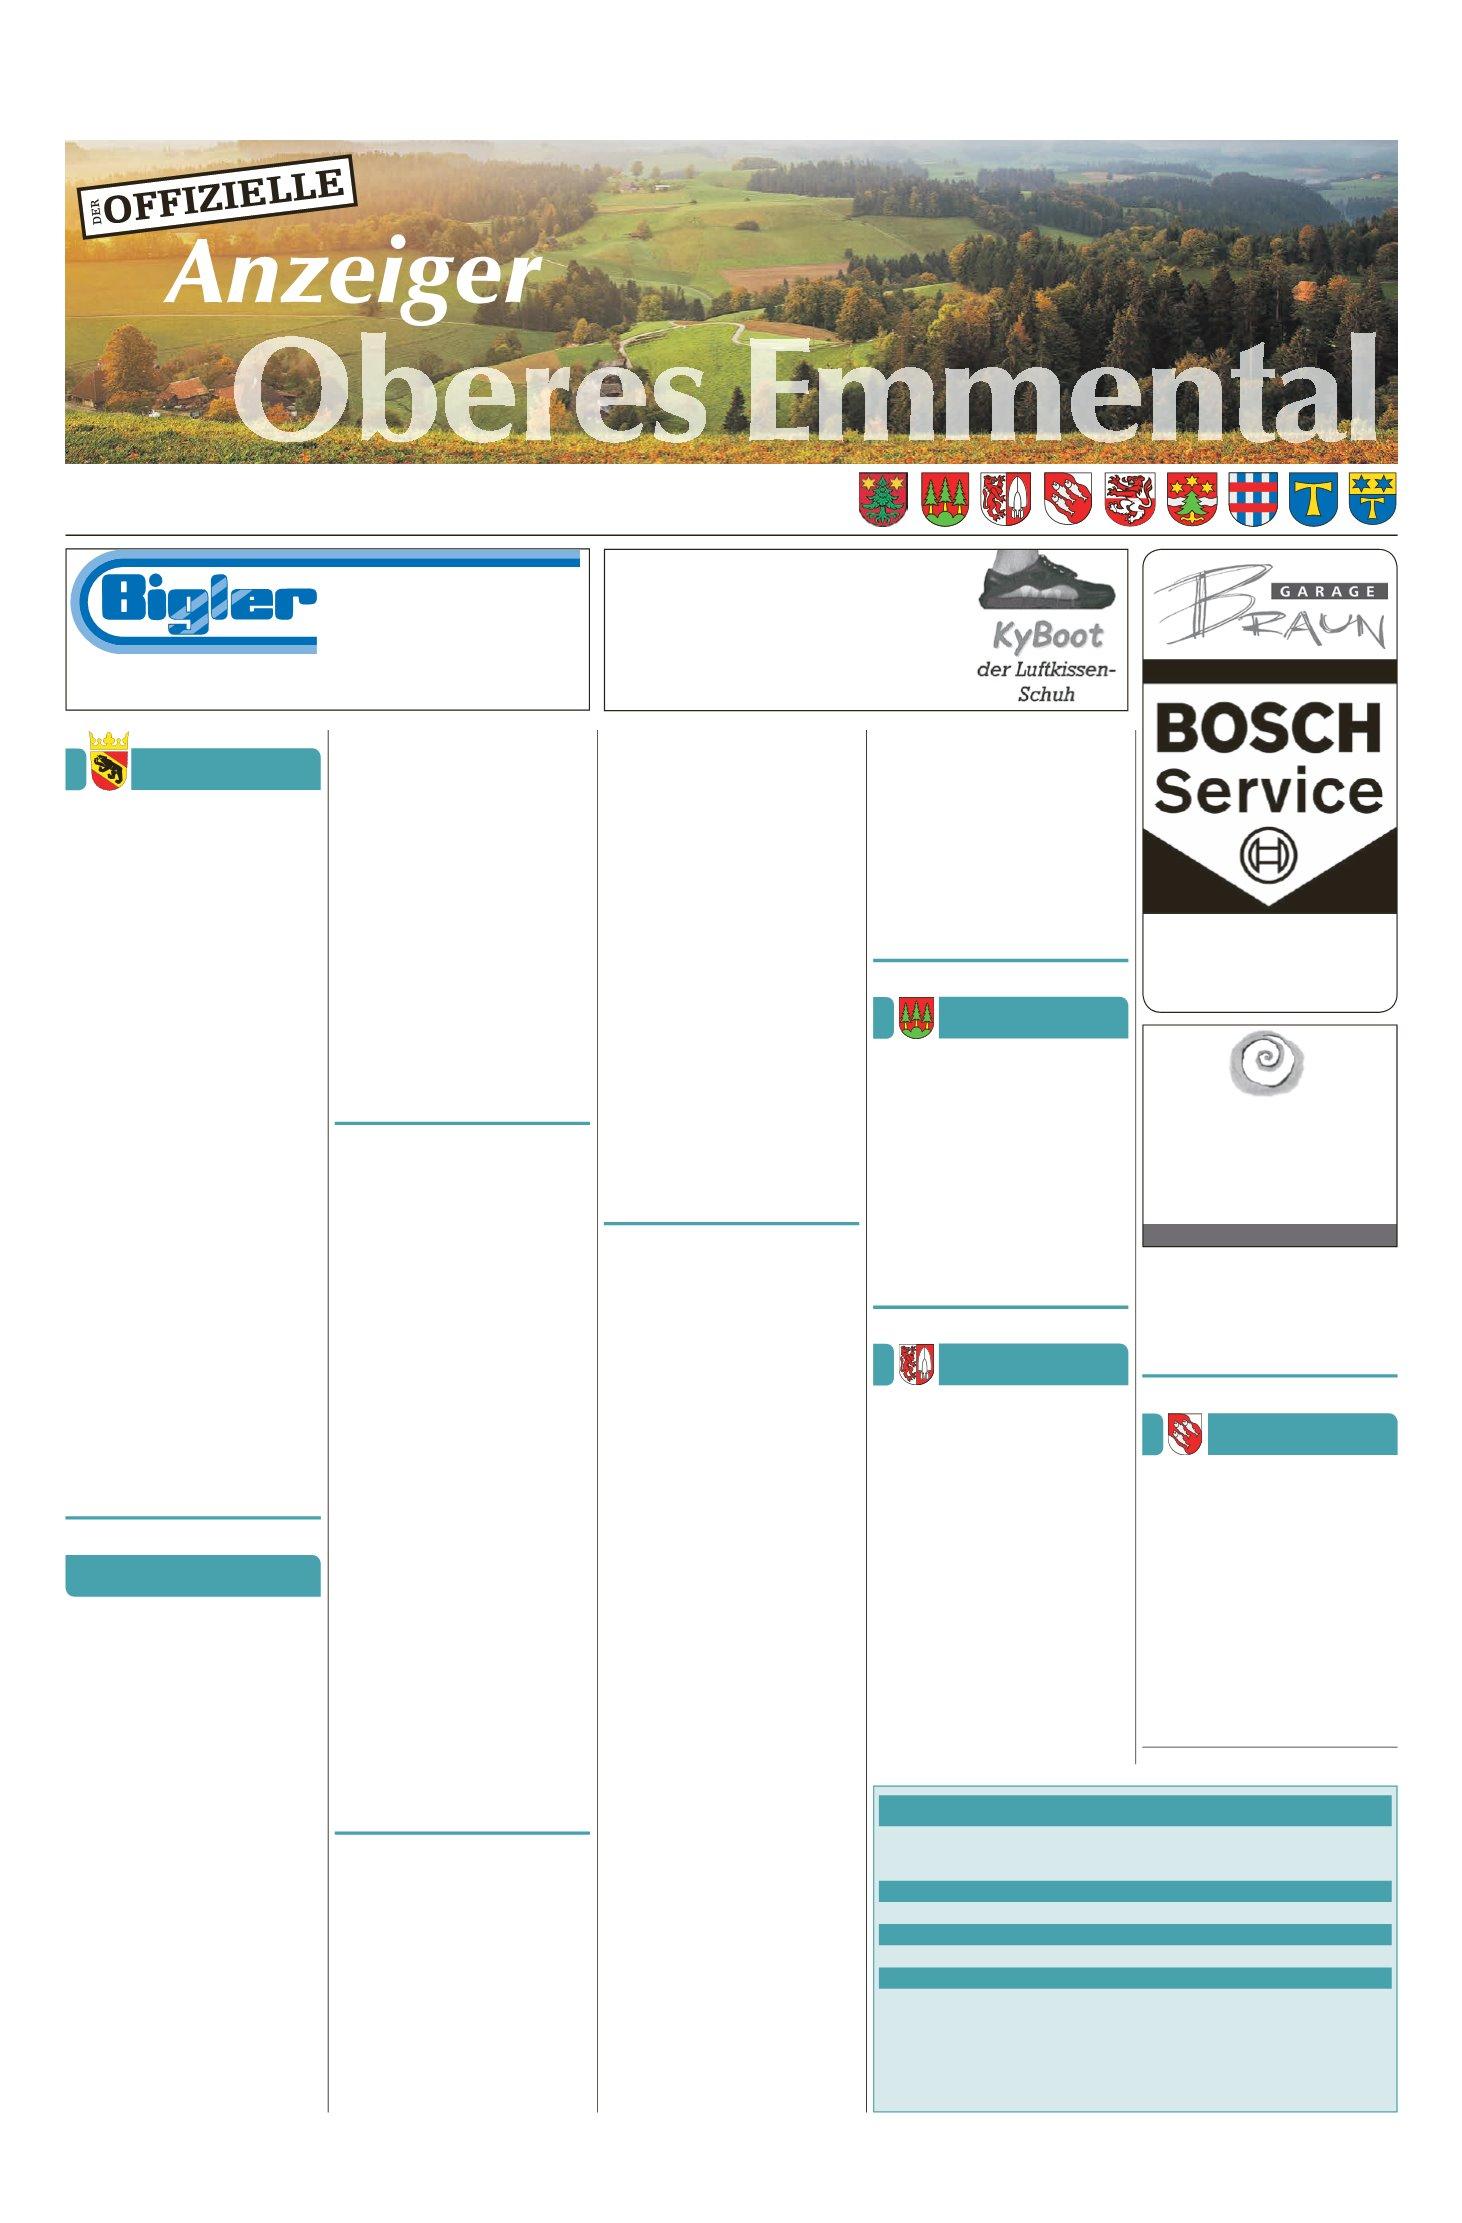 Atemberaubend Vorlagen Für Erfahrene Bankfachleute Bilder - Entry ...